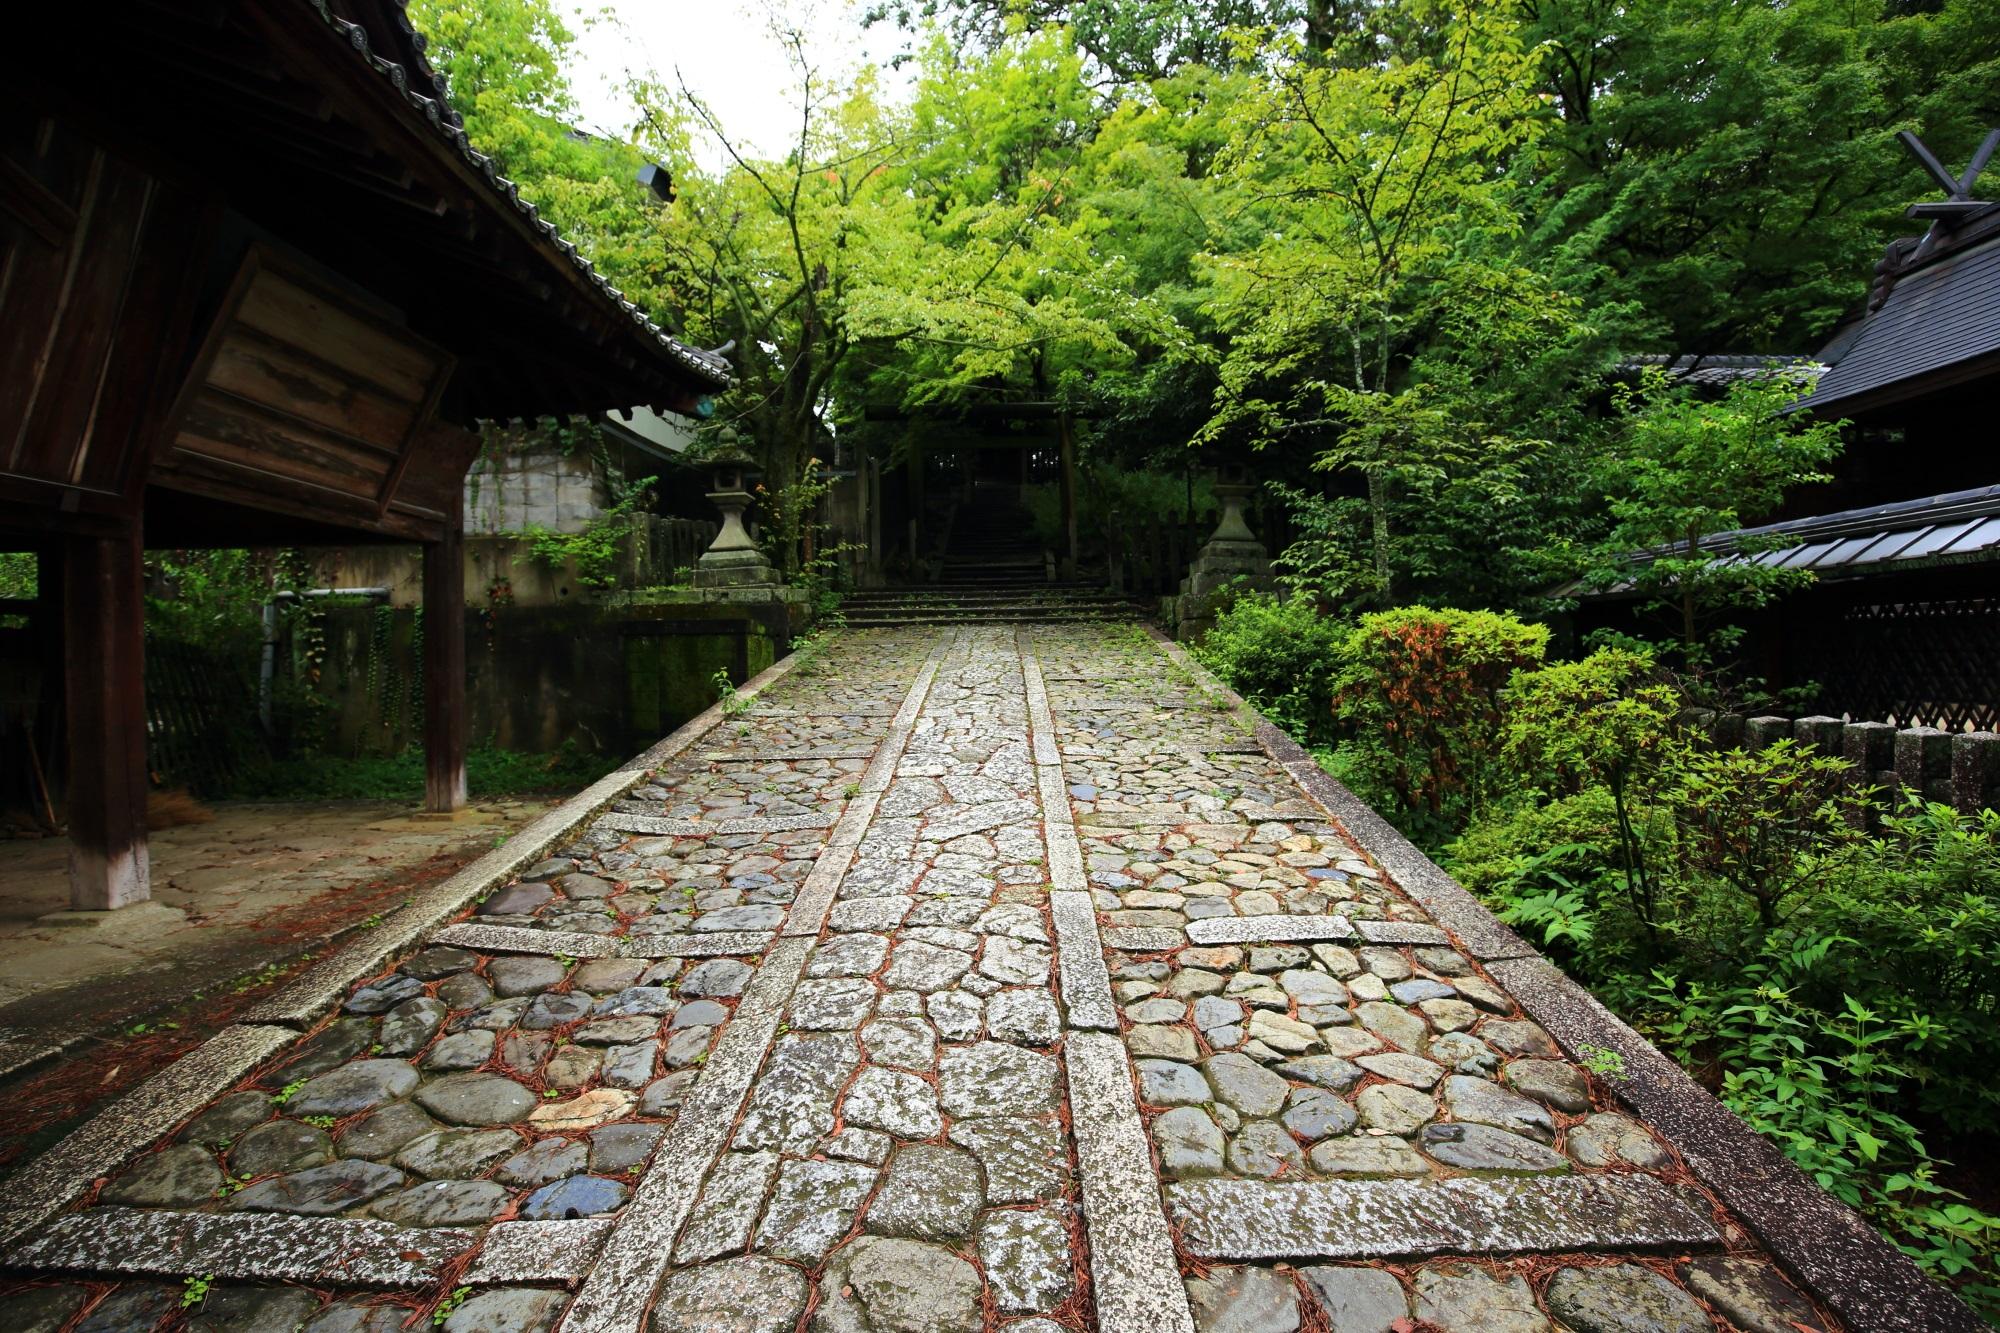 美しい緑に囲まれた風情ある石の坂道の参道